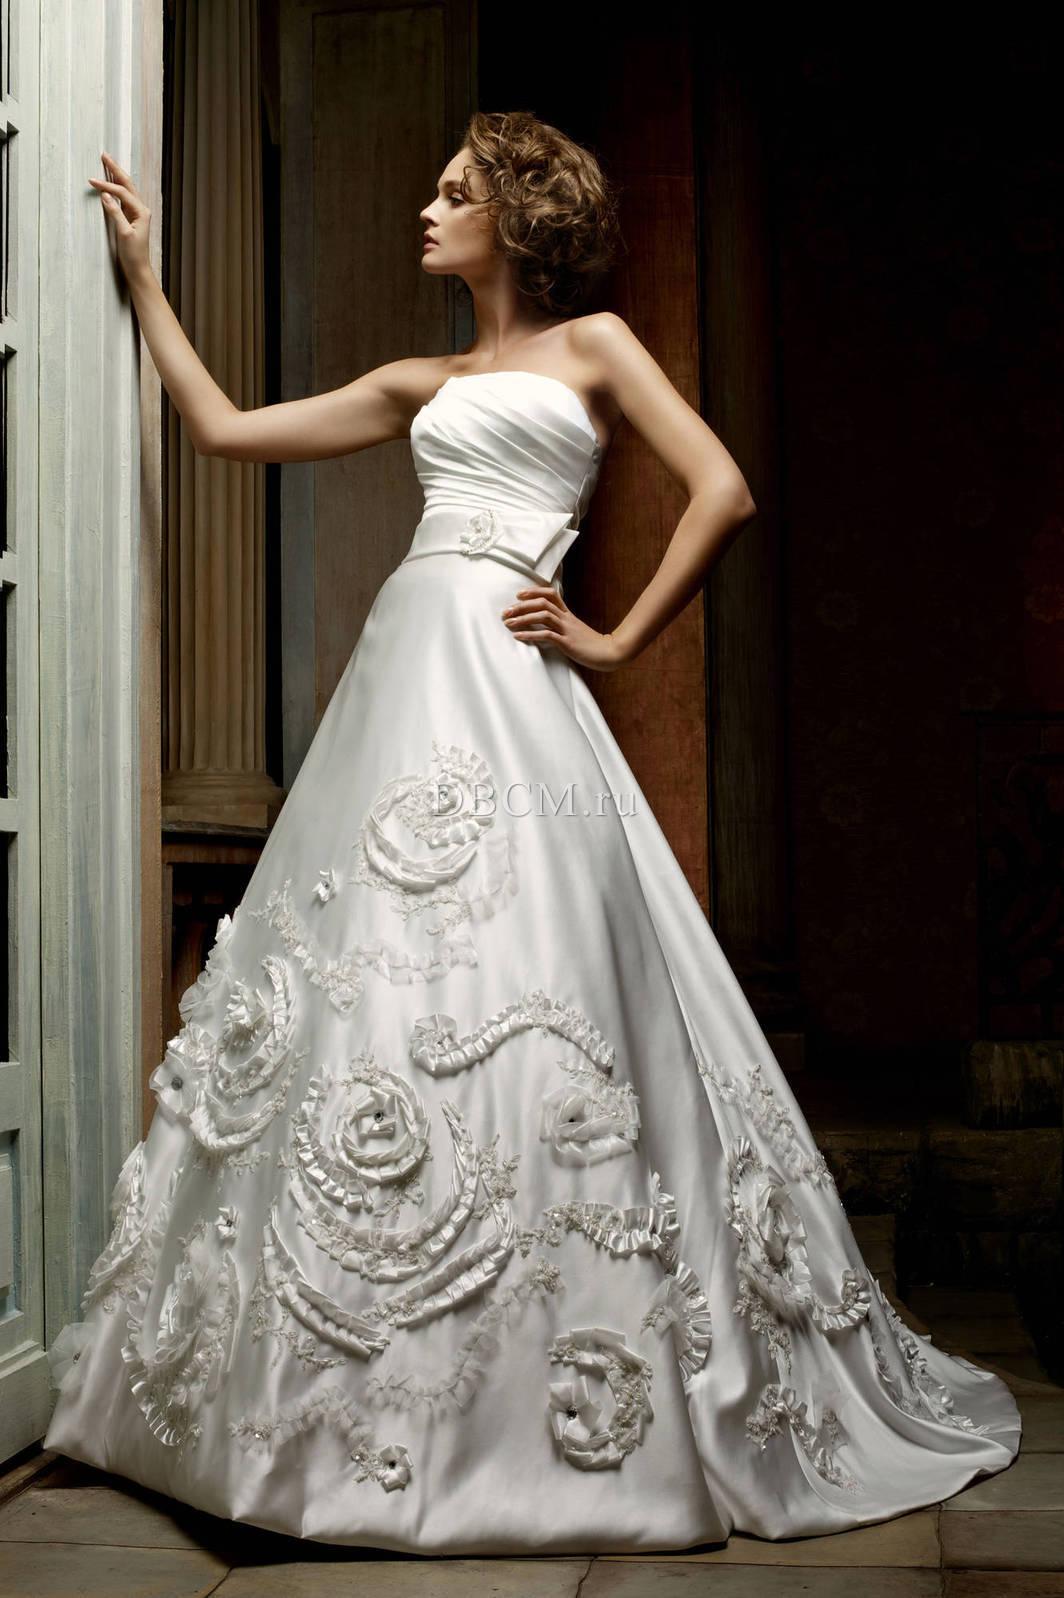 Где купить свадебное платье в москве недорого